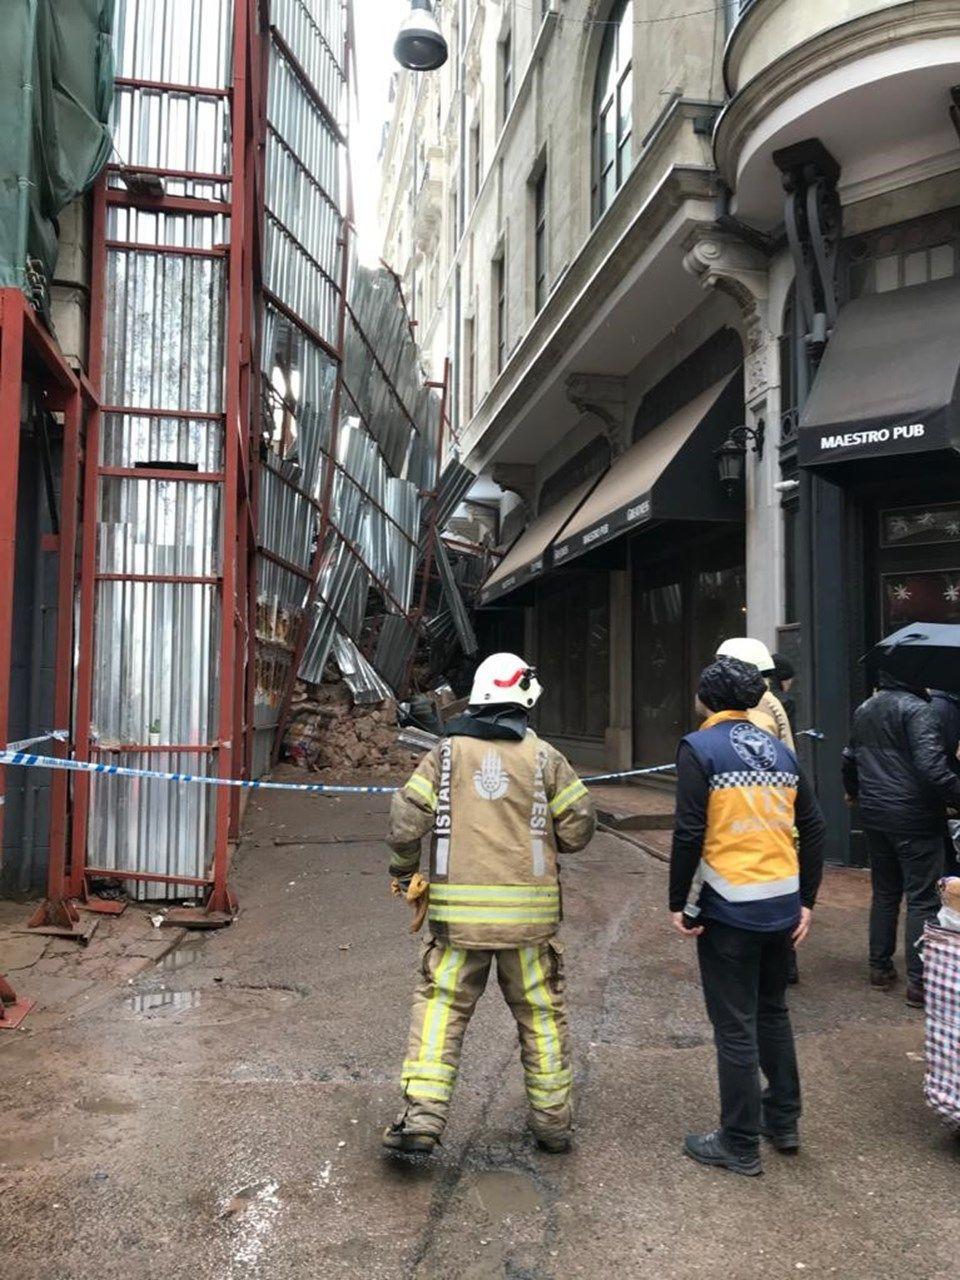 Beyoğlu'nda bina çöktü! - Sayfa 3